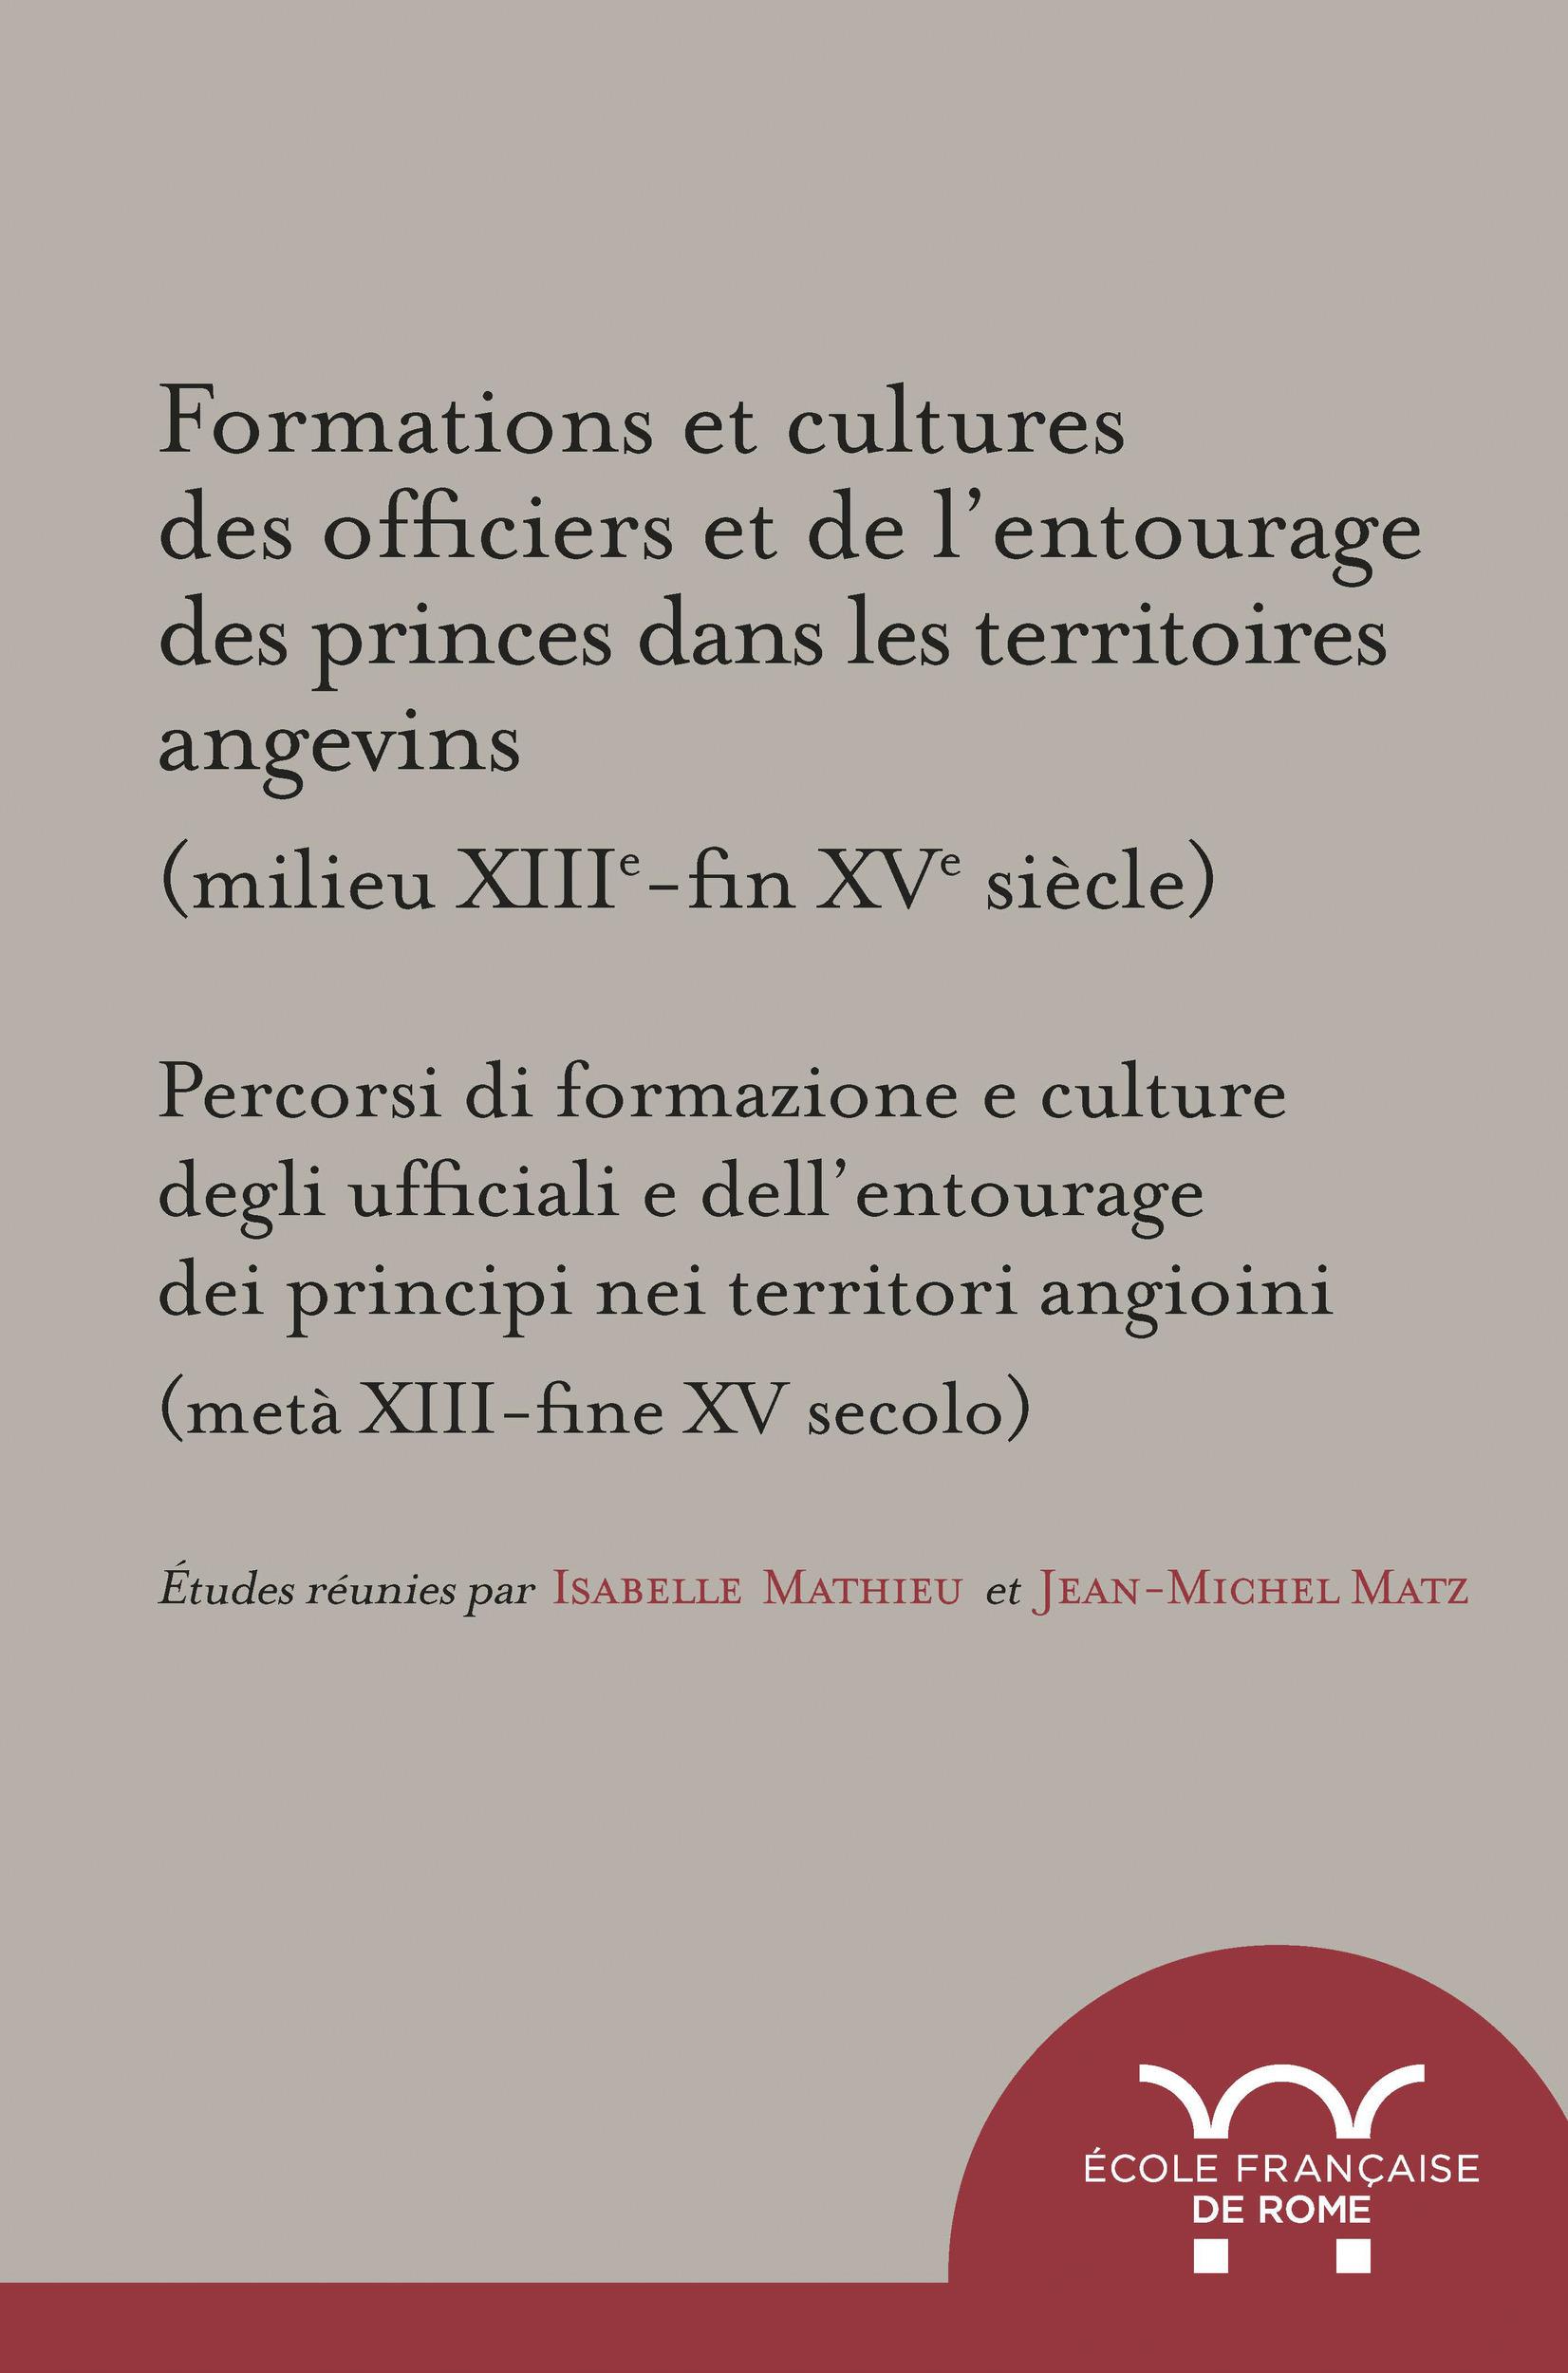 Formations et cultures des officiers et de l´entourage des princes dans les territoires angevins (milieu XIIIe-fin XVe siècle)